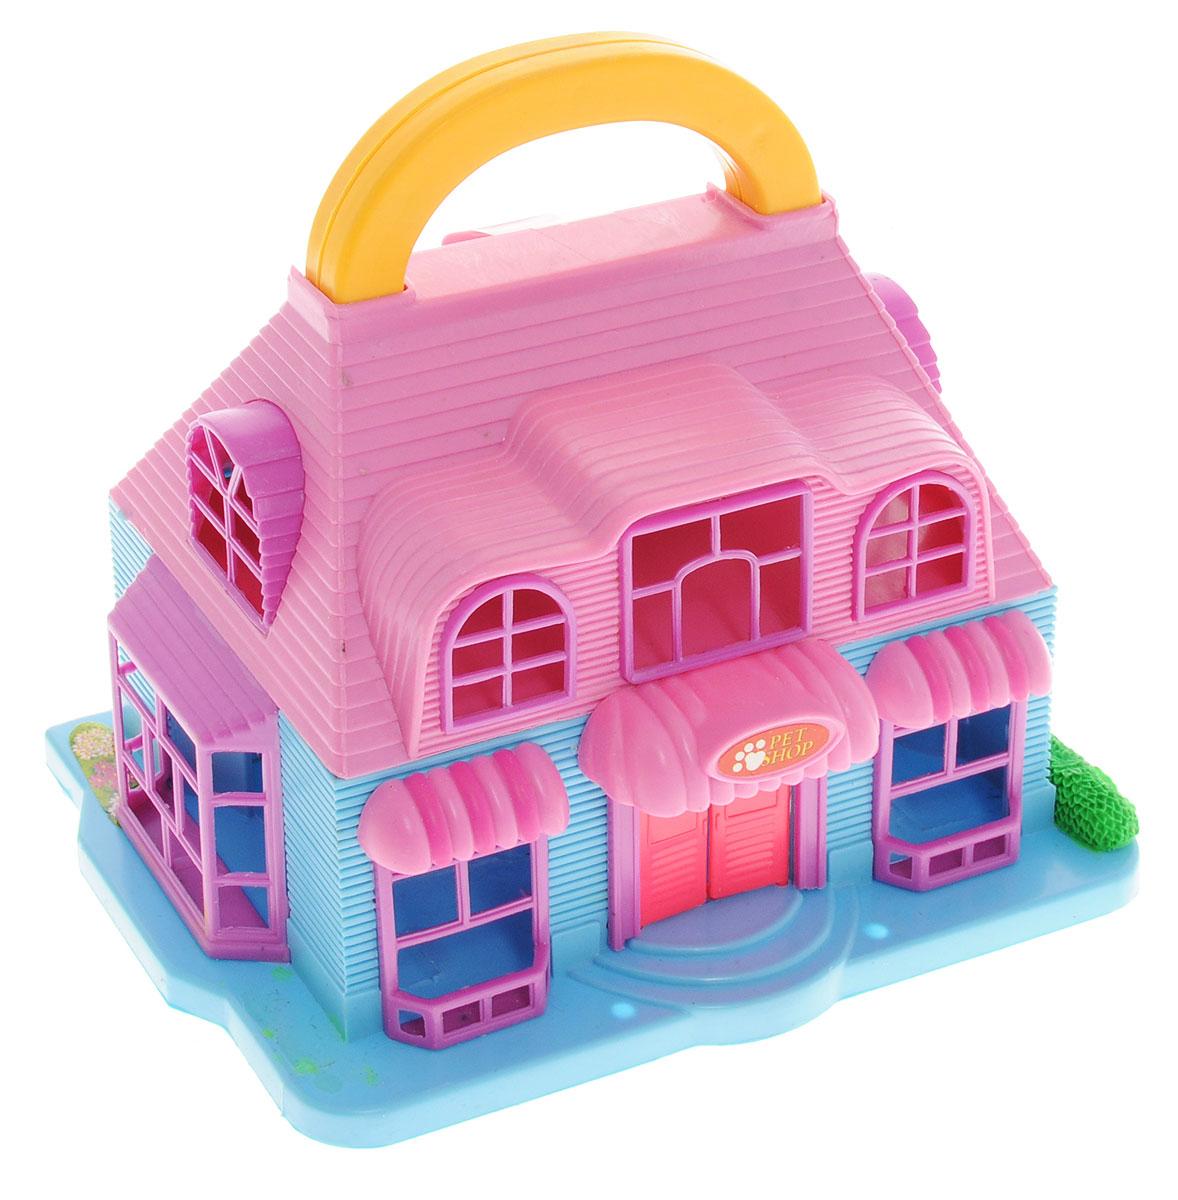 ABtoys Дом для кукол Pet ShopPT-00228_ Pet Shop розовый, голубойДомик для кукол Pet Shop с удобной ручкой для переноски просто необходима для веселой жизни куколок! Домик выполнен из прочного безопасного пластика. Дом имеет красивый фасад с вывеской «Pet Shop», большие окна и открывающиеся двери. Строение дополнено откидным балконом и площадкой с бассейном. В наборе имеются две фигурки людей, фигурки животных и множество аксессуаров, которыми можно обустроить школьный класс. Набор поможет детям представить себя в роли дизайнера, занимающегося обстановкой и декором помещения для любимой куколки и ее животных, а также станет главным атрибутом для увлекательных сюжетно-ролевых игр. Такой набор непременно придется по душе вашему ребенку. Порадуйте свою принцессу таким замечательным подарком!